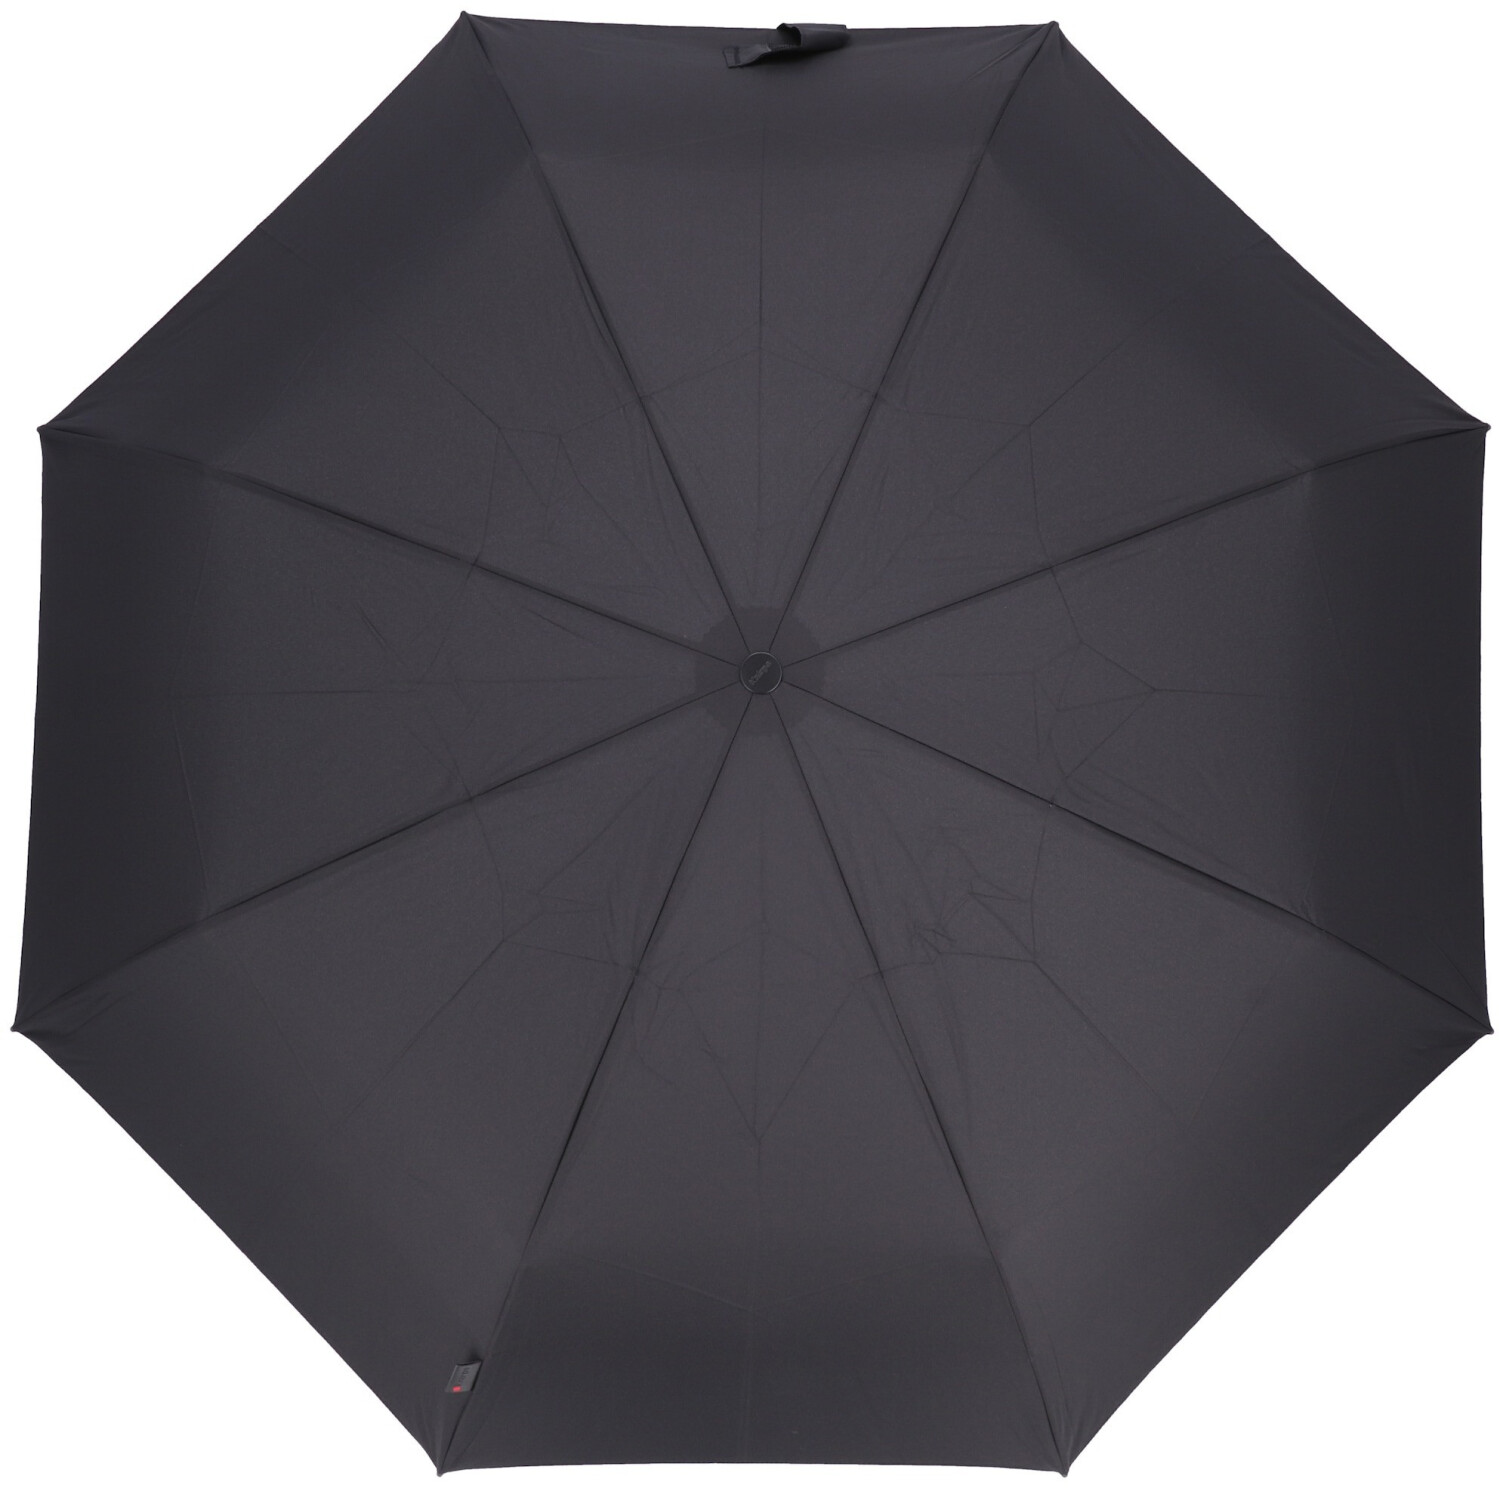 uni black Unisex Taschenschirme Knirps Taschenregenschirm T.301 Large Duomoatic